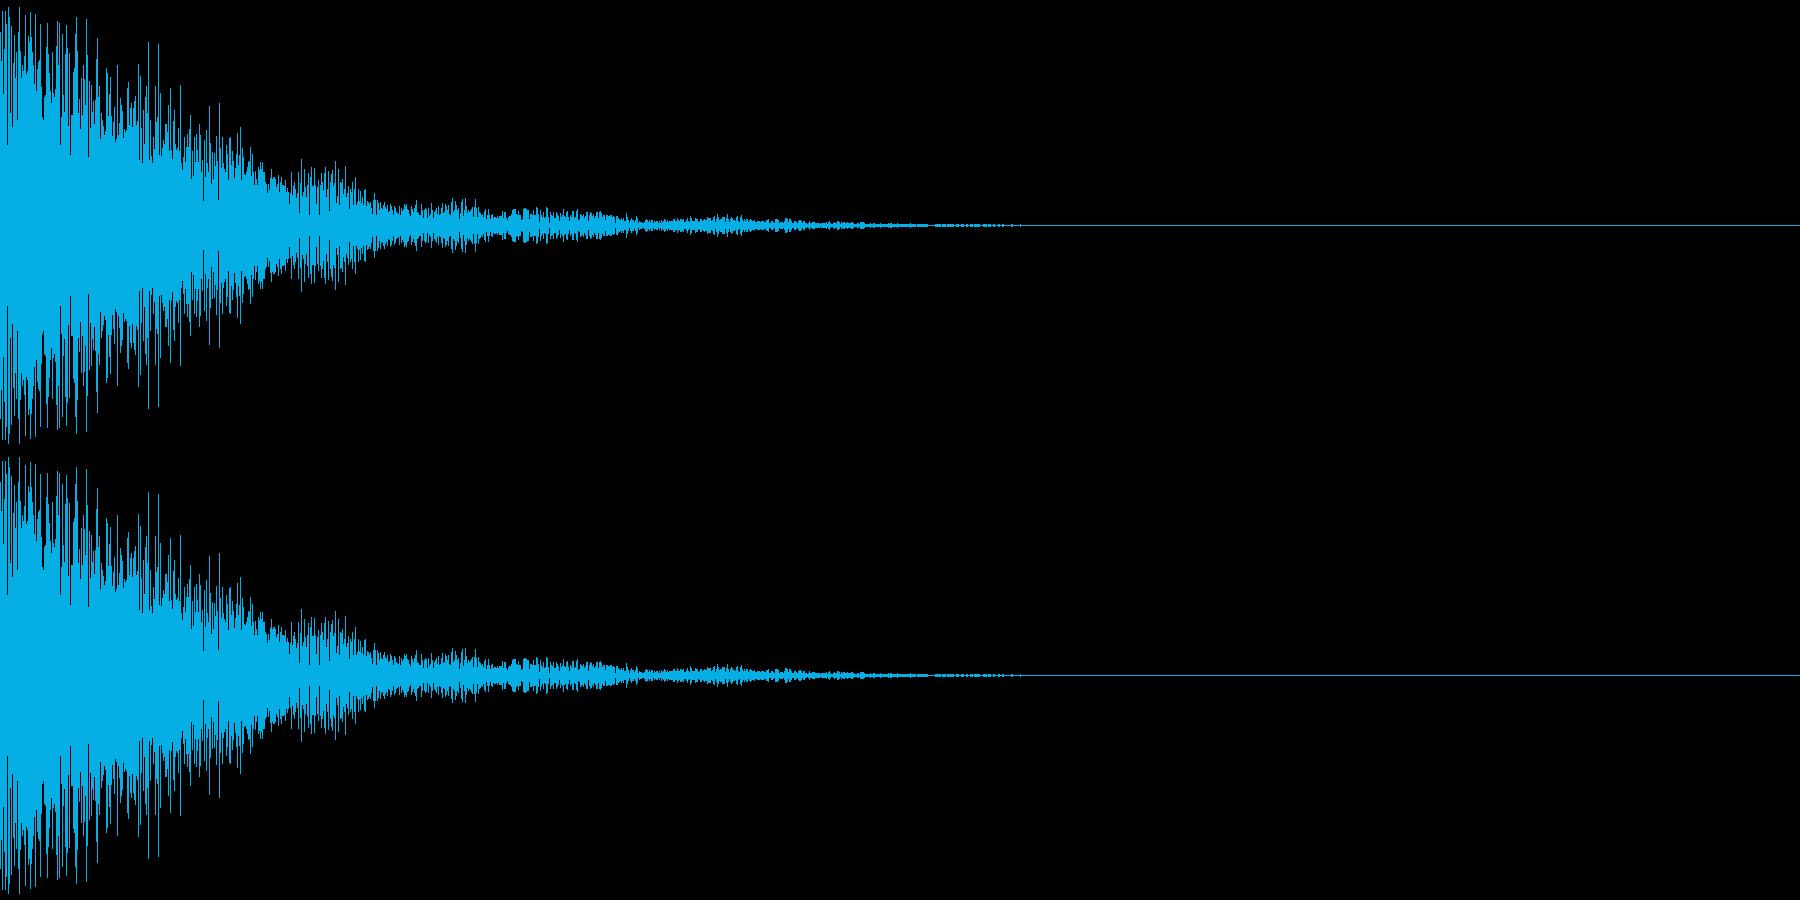 トゥインー(ドラ系)の再生済みの波形